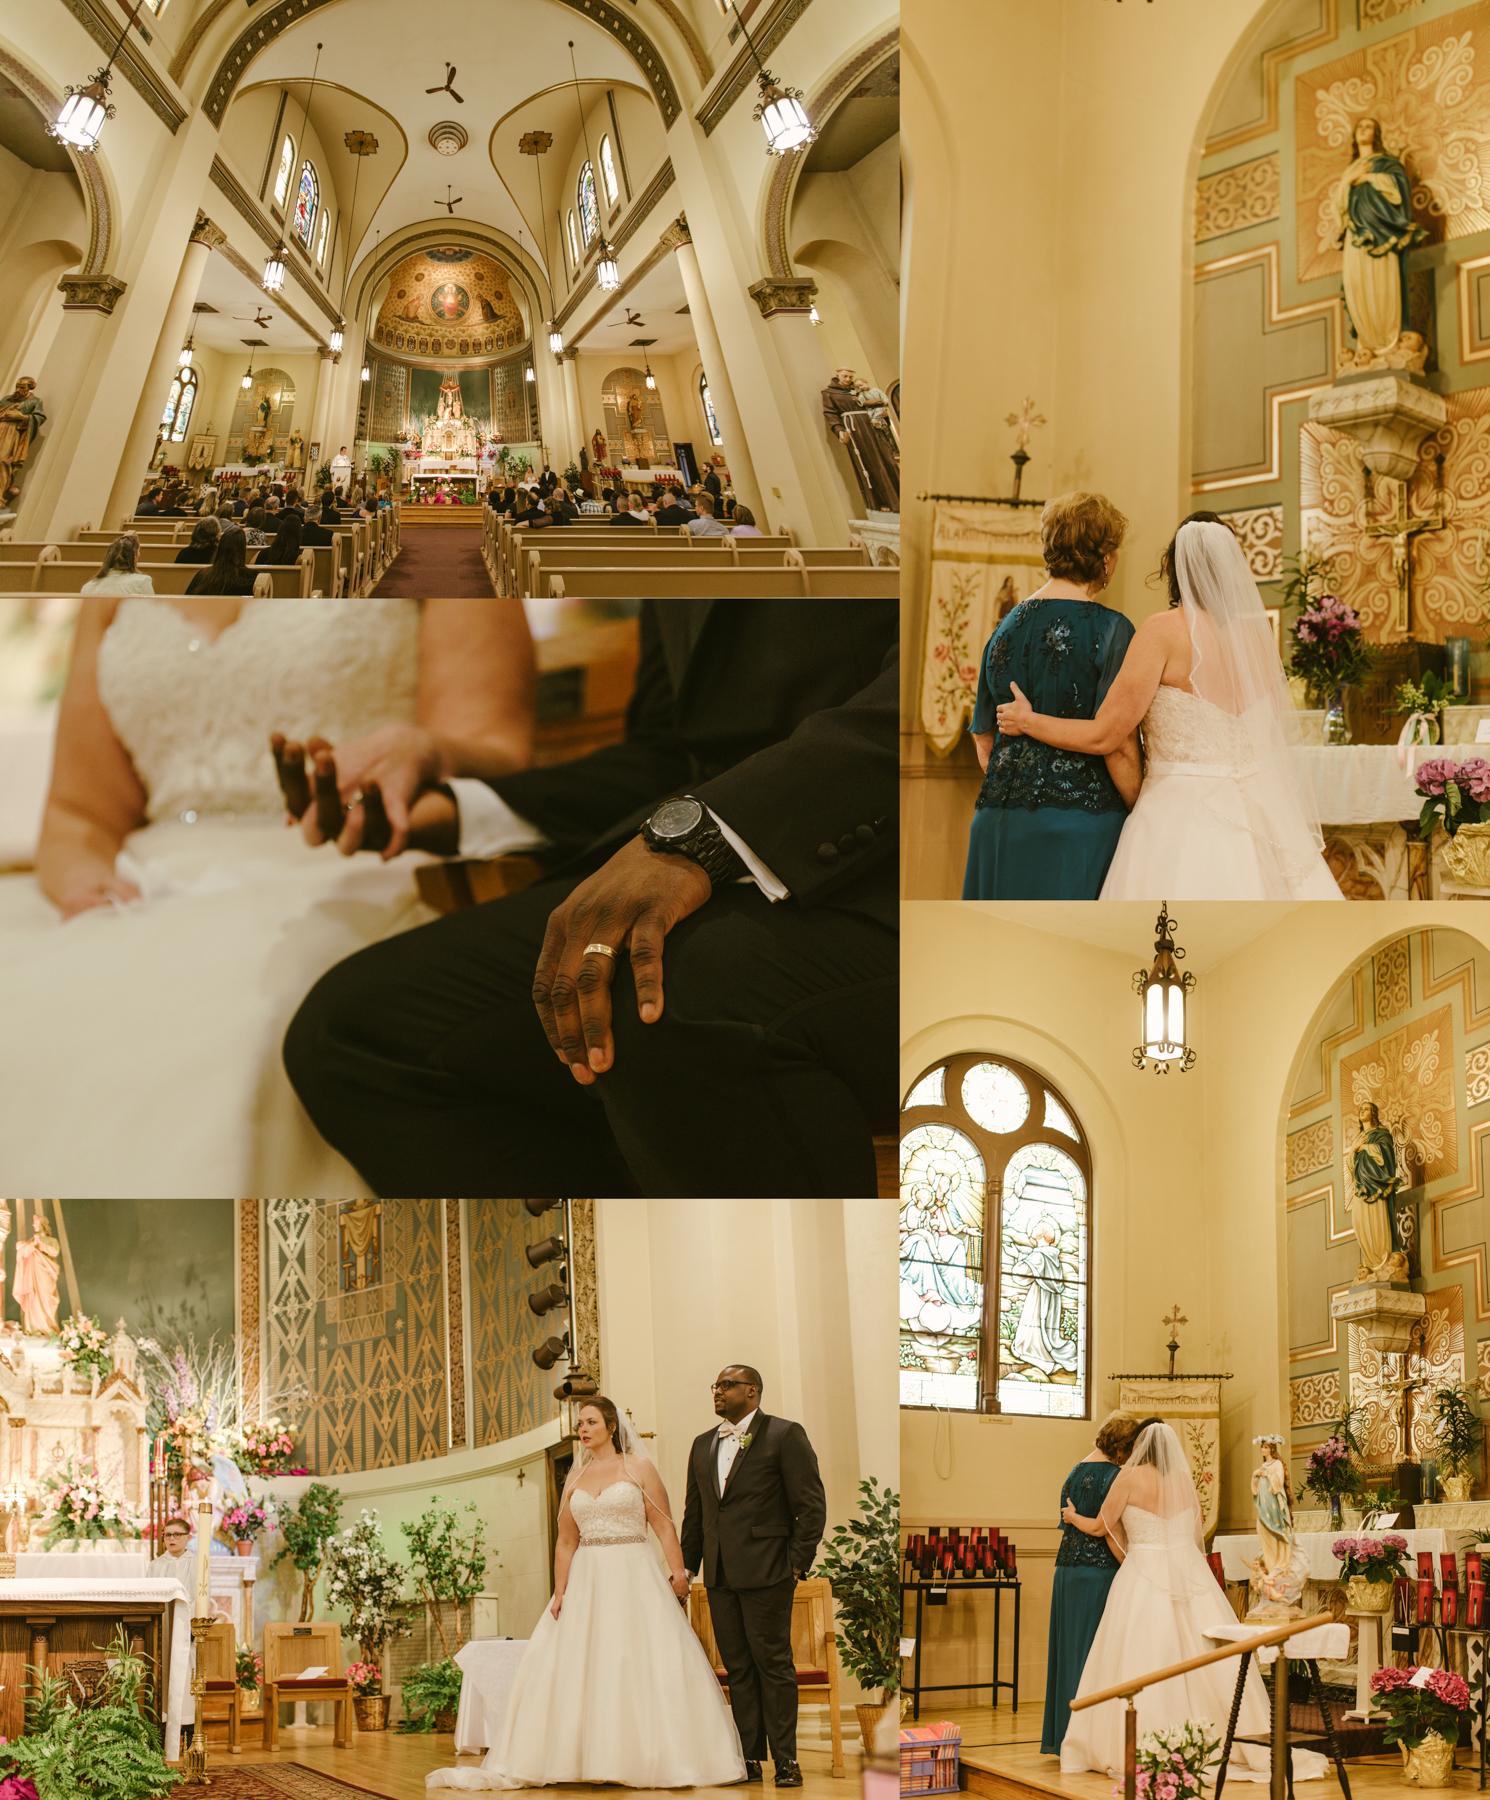 022 victoria and alex wedding.jpg